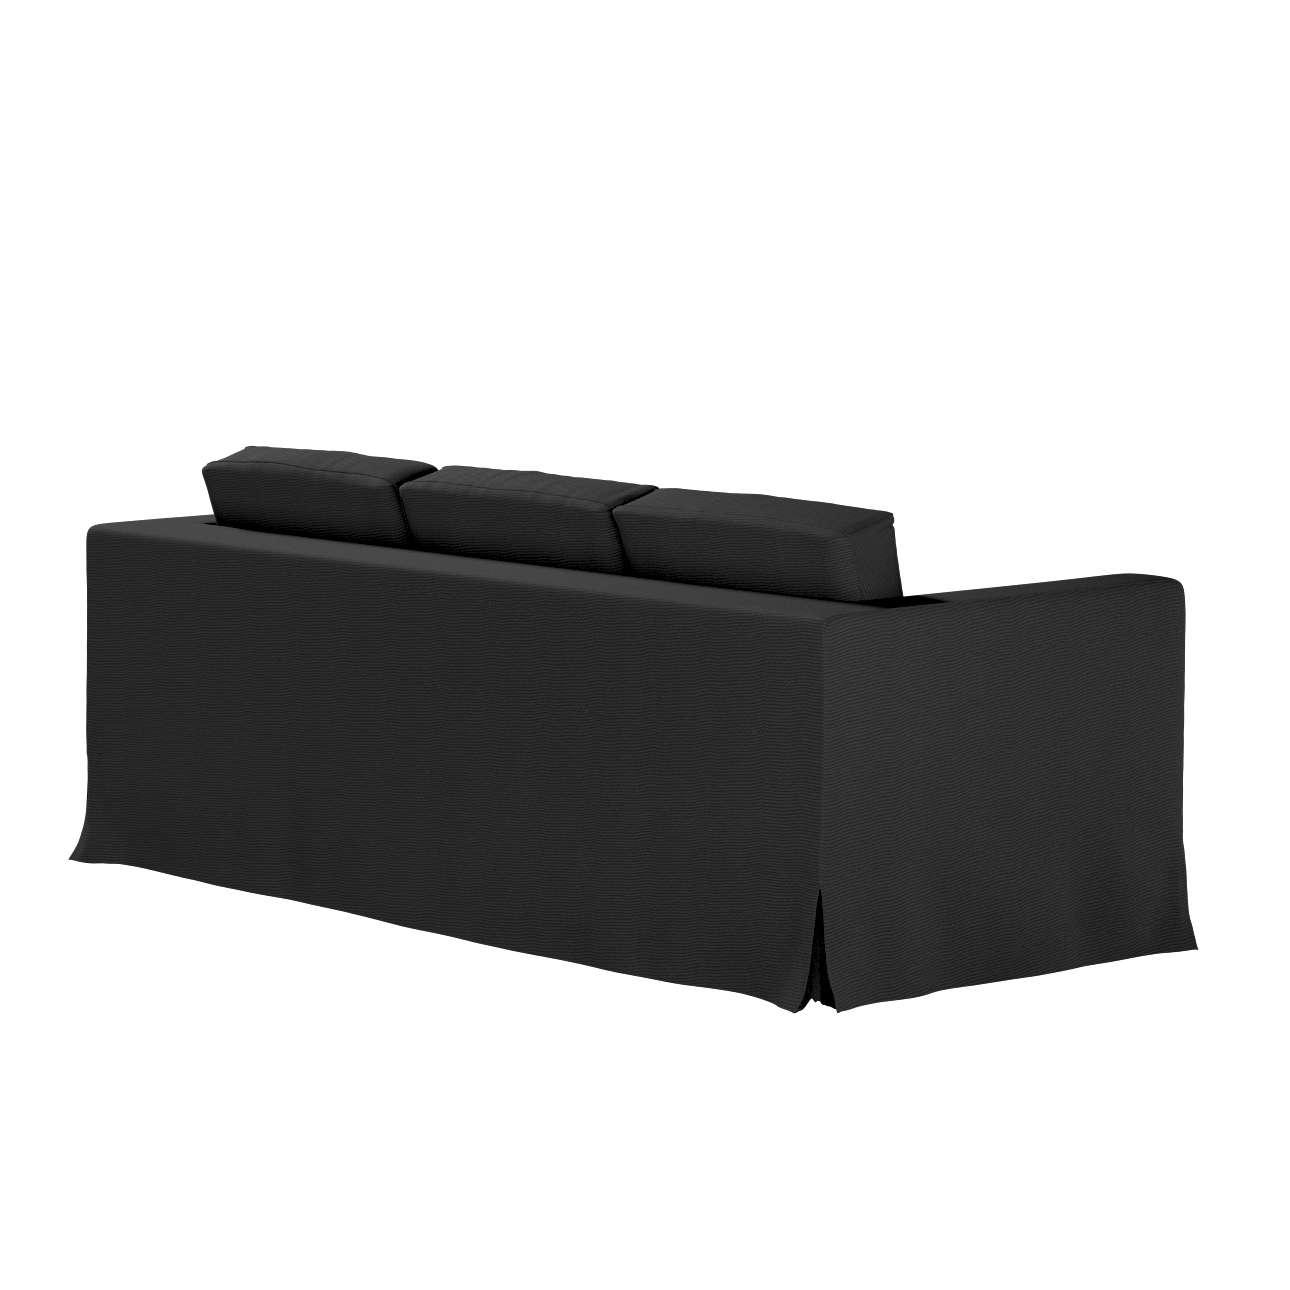 Potah na pohovku IKEA  Karlanda 3-místná nerozkládací, dlouhý v kolekci Etna, látka: 705-00